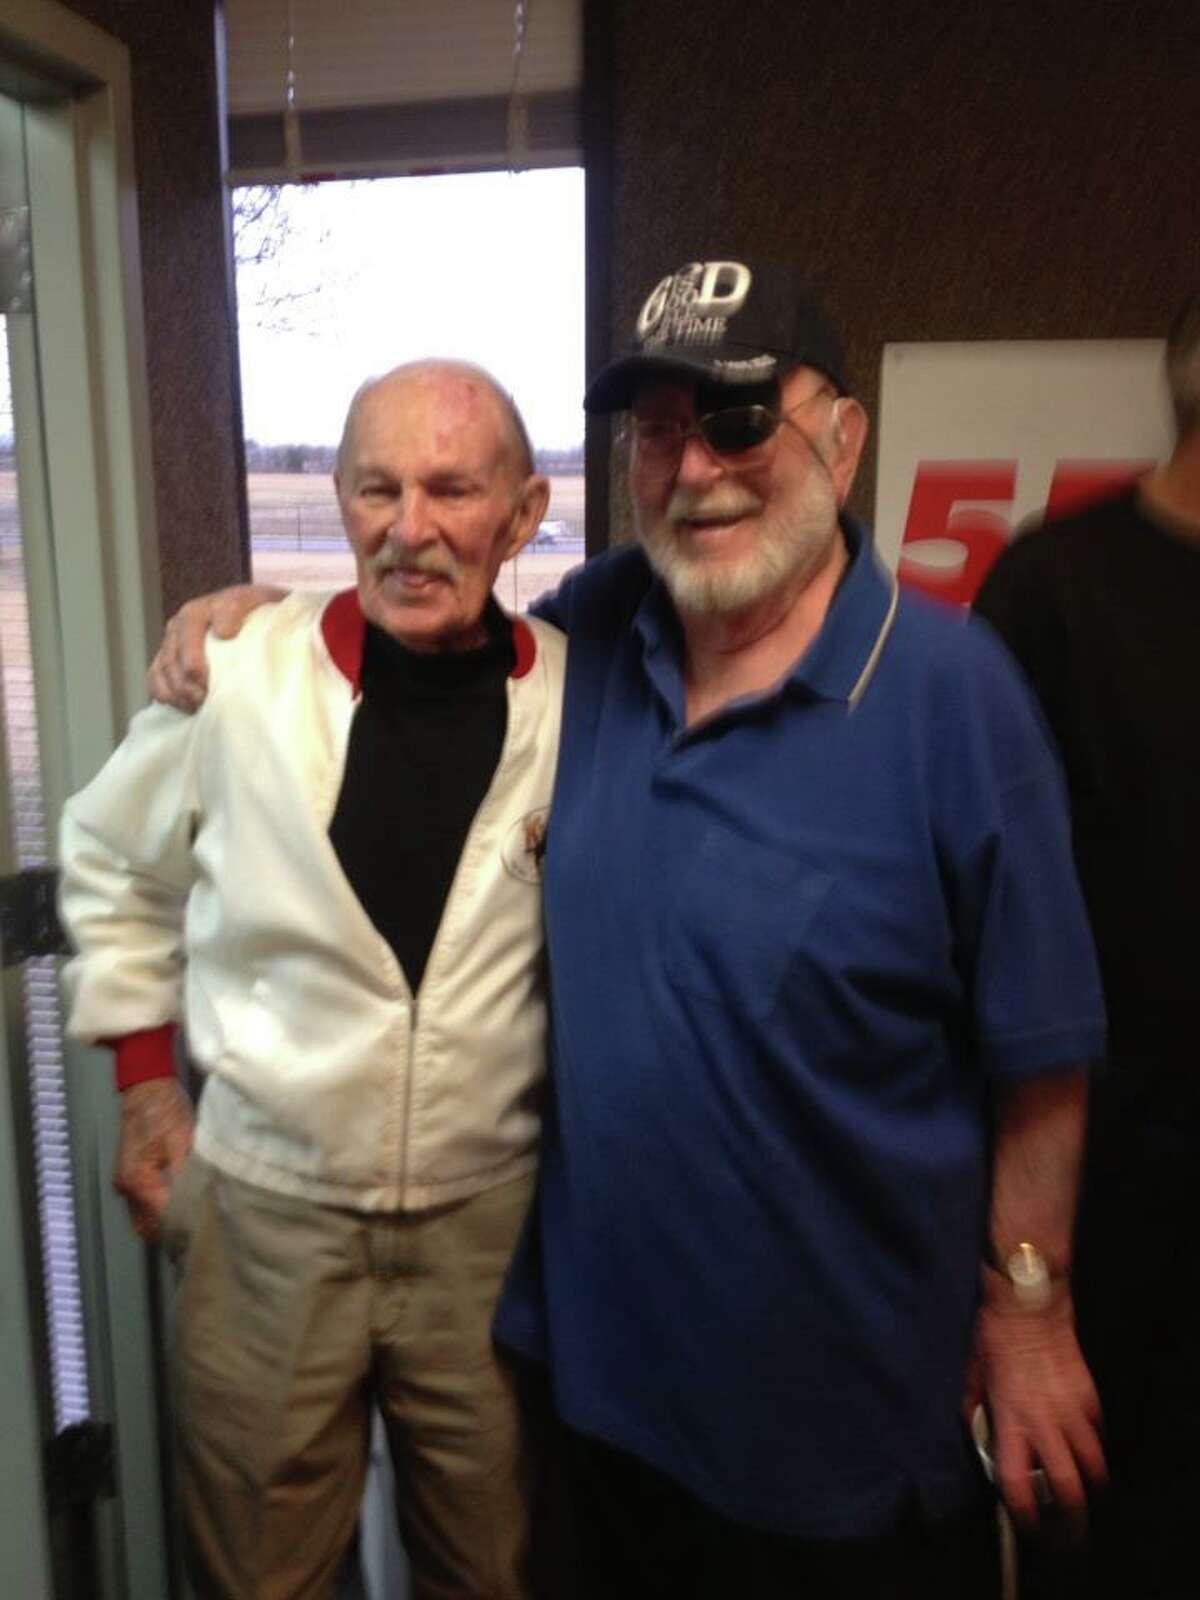 Ricci Ware and Jud Ashmore on Ware's last day at KTSA.